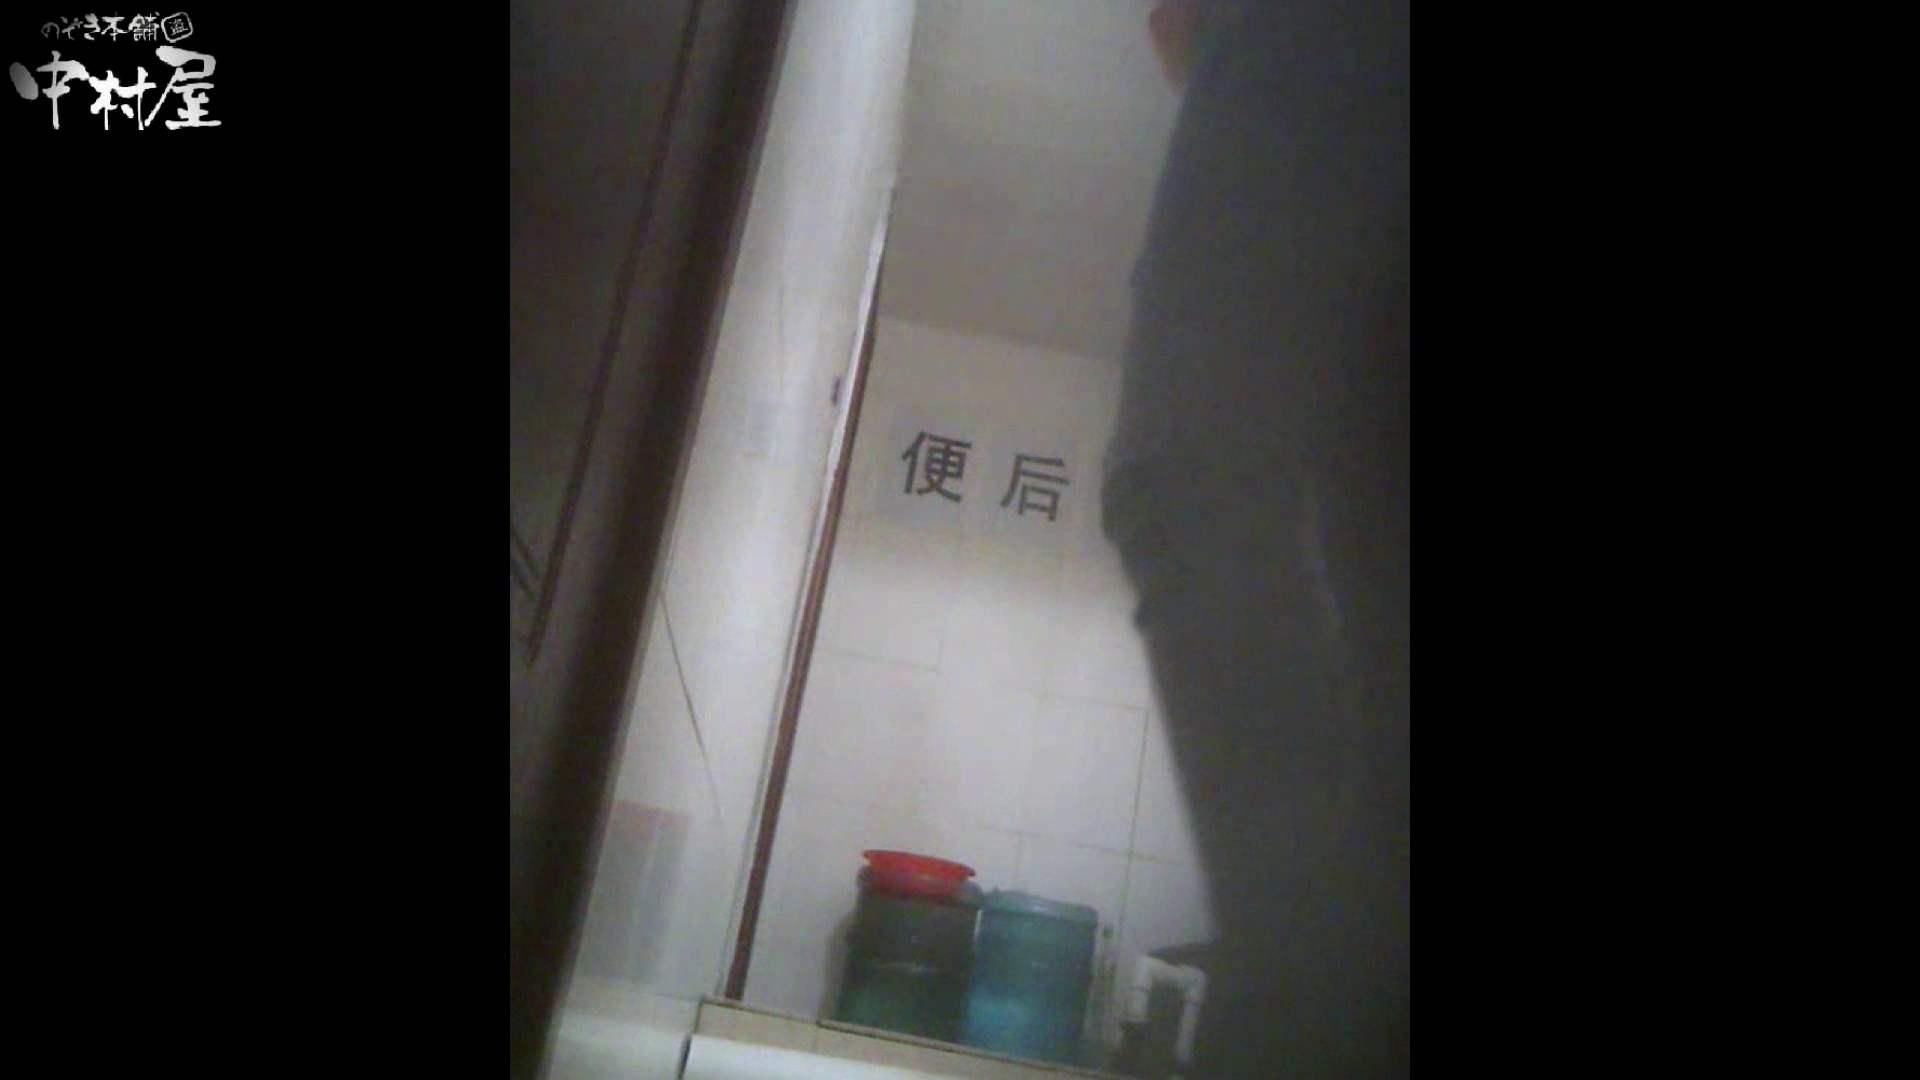 李さんの盗撮日記 Vol.03 OLエロ画像   盗撮  29PICs 1